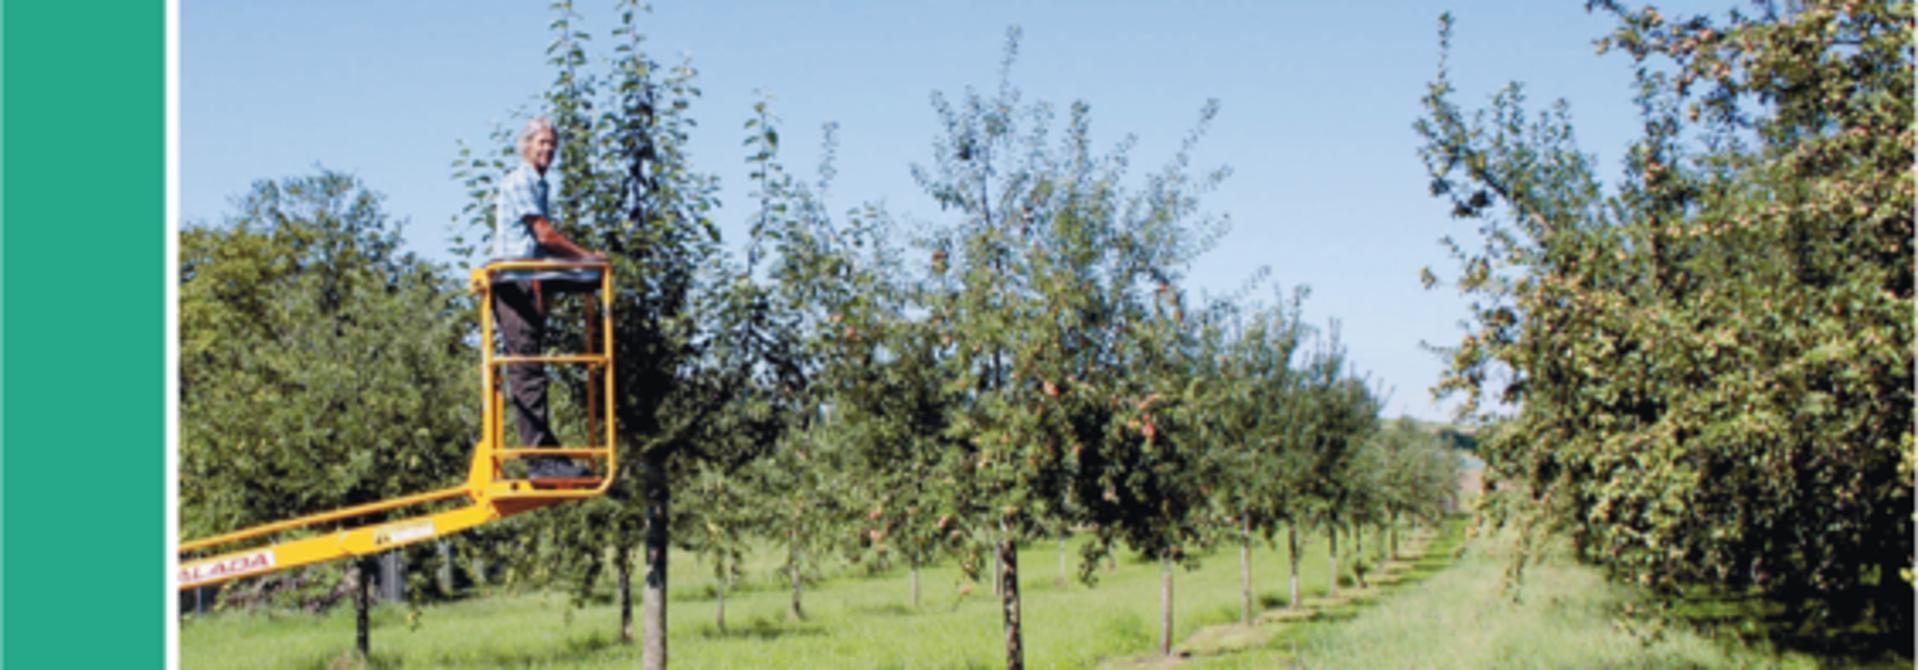 Die Broschu00fcre des FiBL gibt umfangreiche Informationen, wie sich die Obstproduktion und Biodiversitu00e4t auf Hochstammbu00e4umen kombinieren lu00e4sst.>